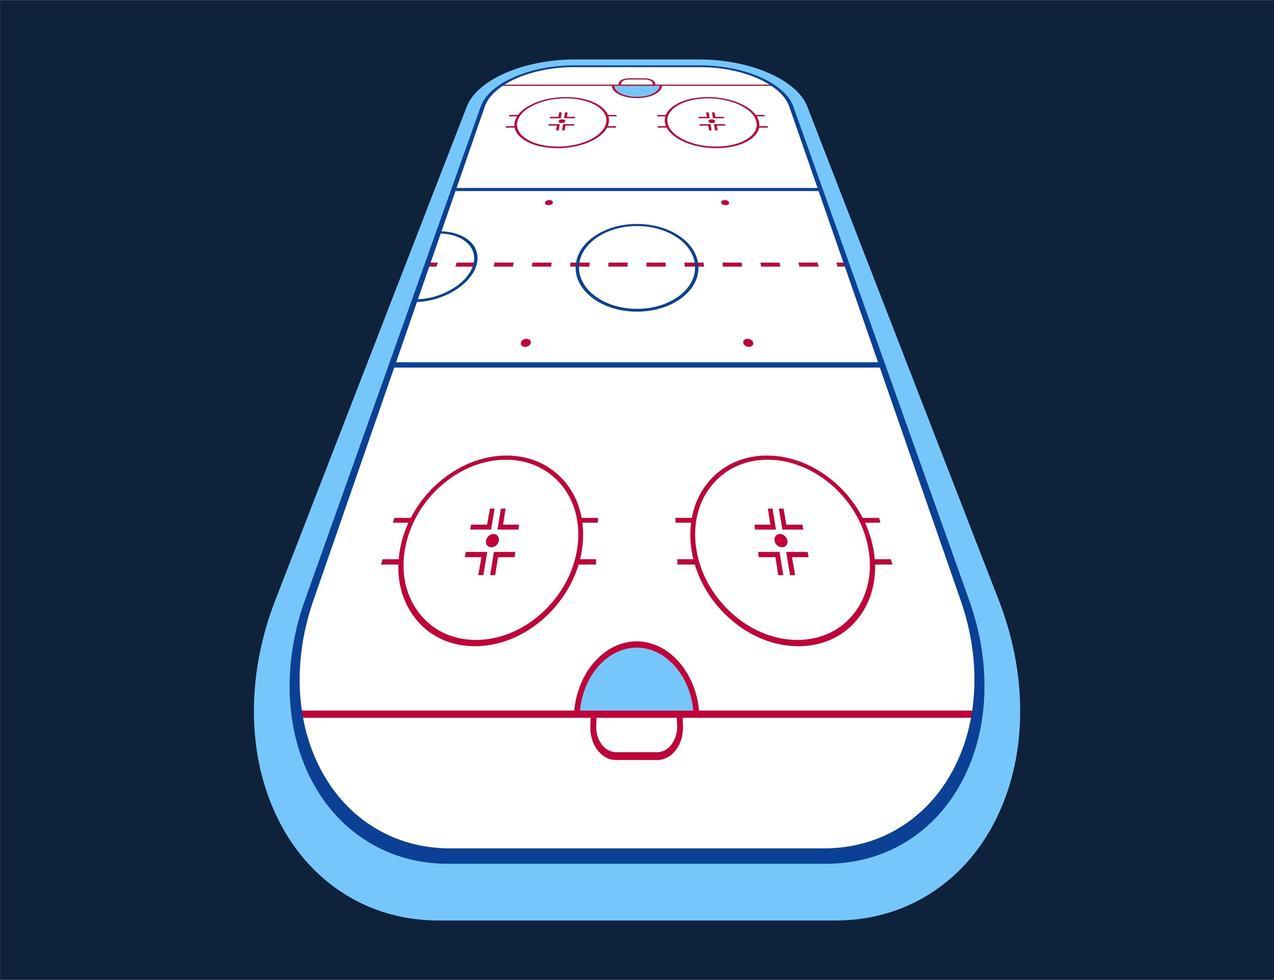 perspektivischer Vektor der Eishockeybahn. Texturen blaues Eis. Eisbahn. Draufsicht. Vektor-Illustration Hintergrund.